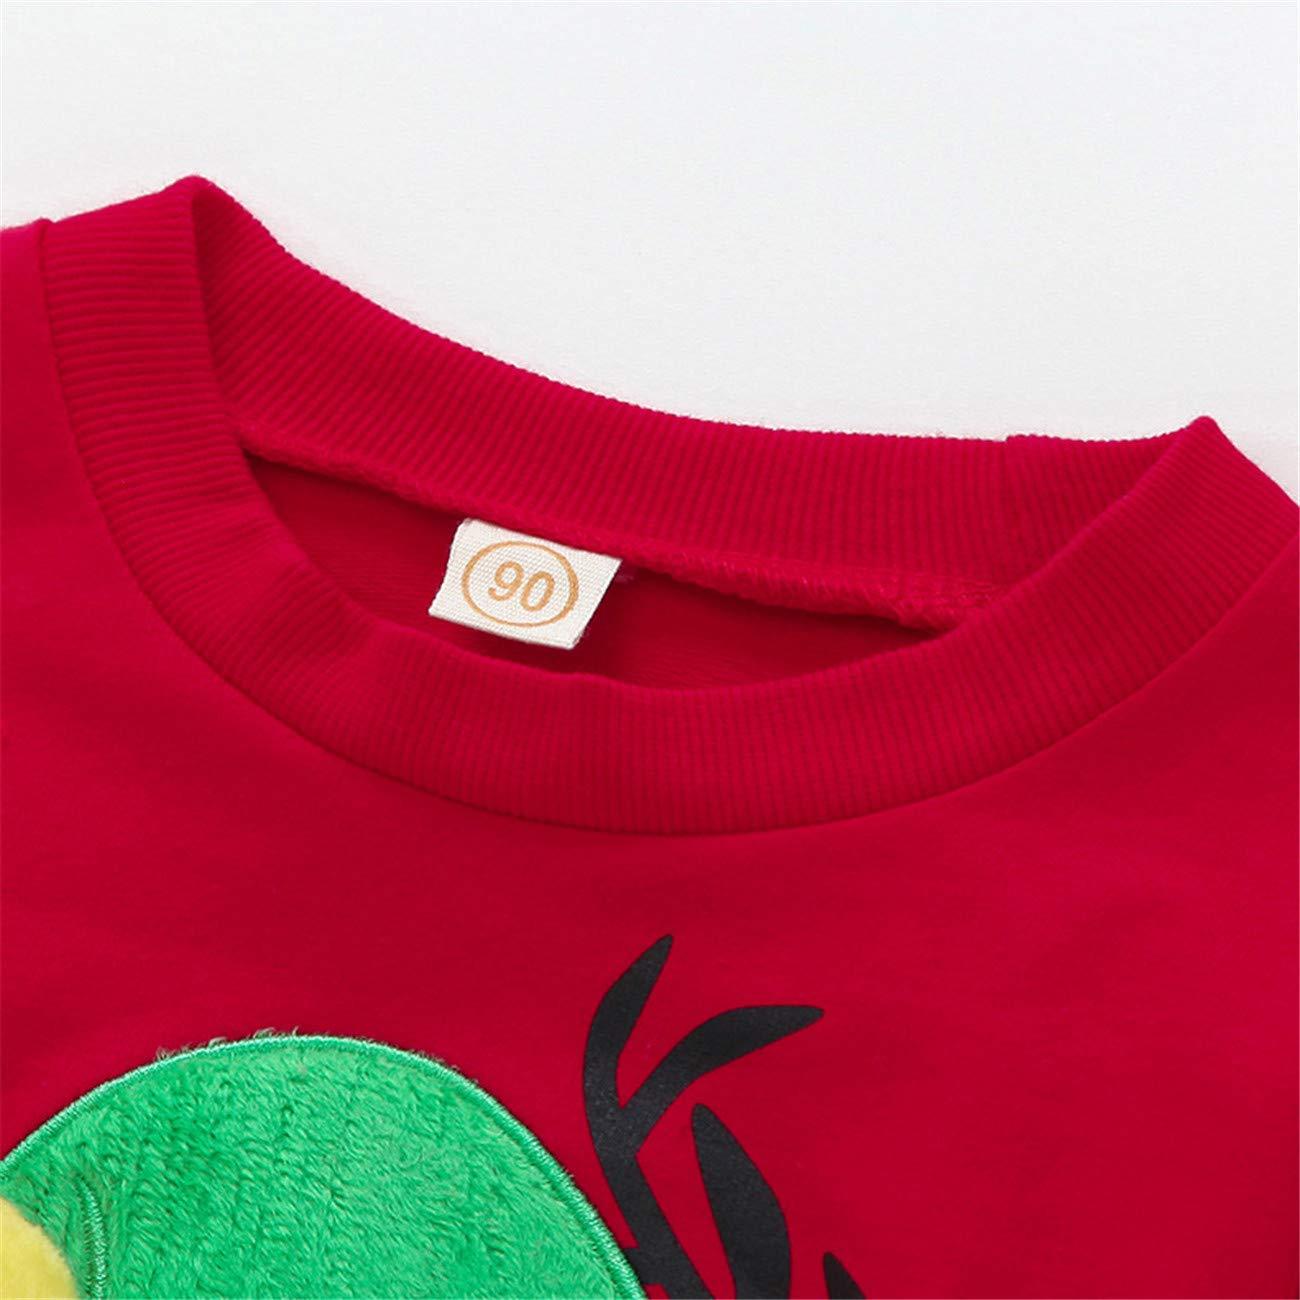 HCFKJ Ropa Bebe NiñA Invierno NiñO Manga Larga Camisetas Beb Conjuntos Moda NiñOs PequeñOs Bebé NiñAs NiñOs Chicos Navidad Sombreros Alce Print Jersey ...